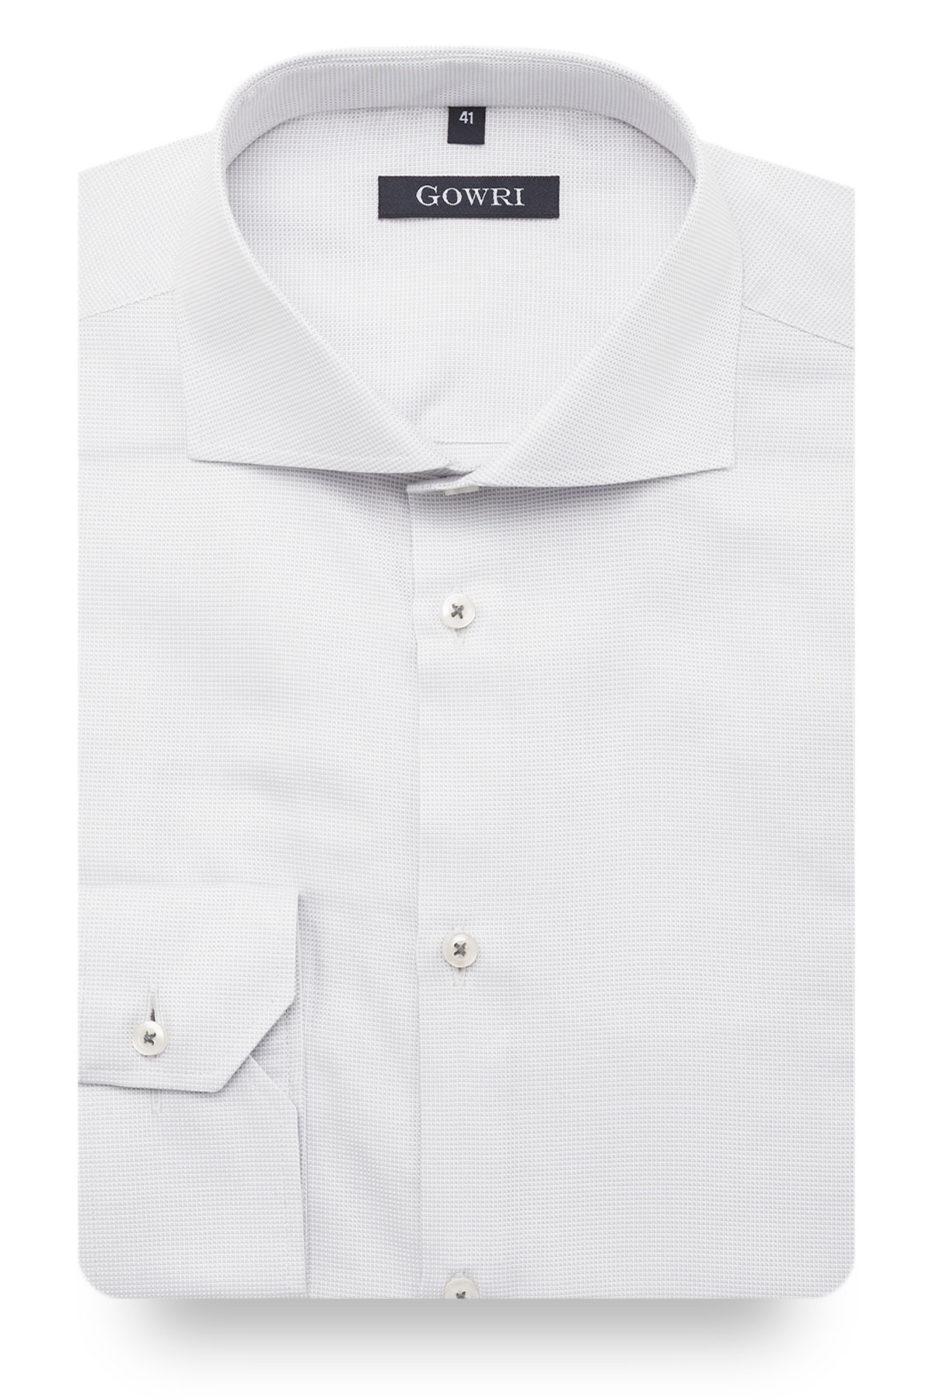 Trasimeno Light Grey Shirt